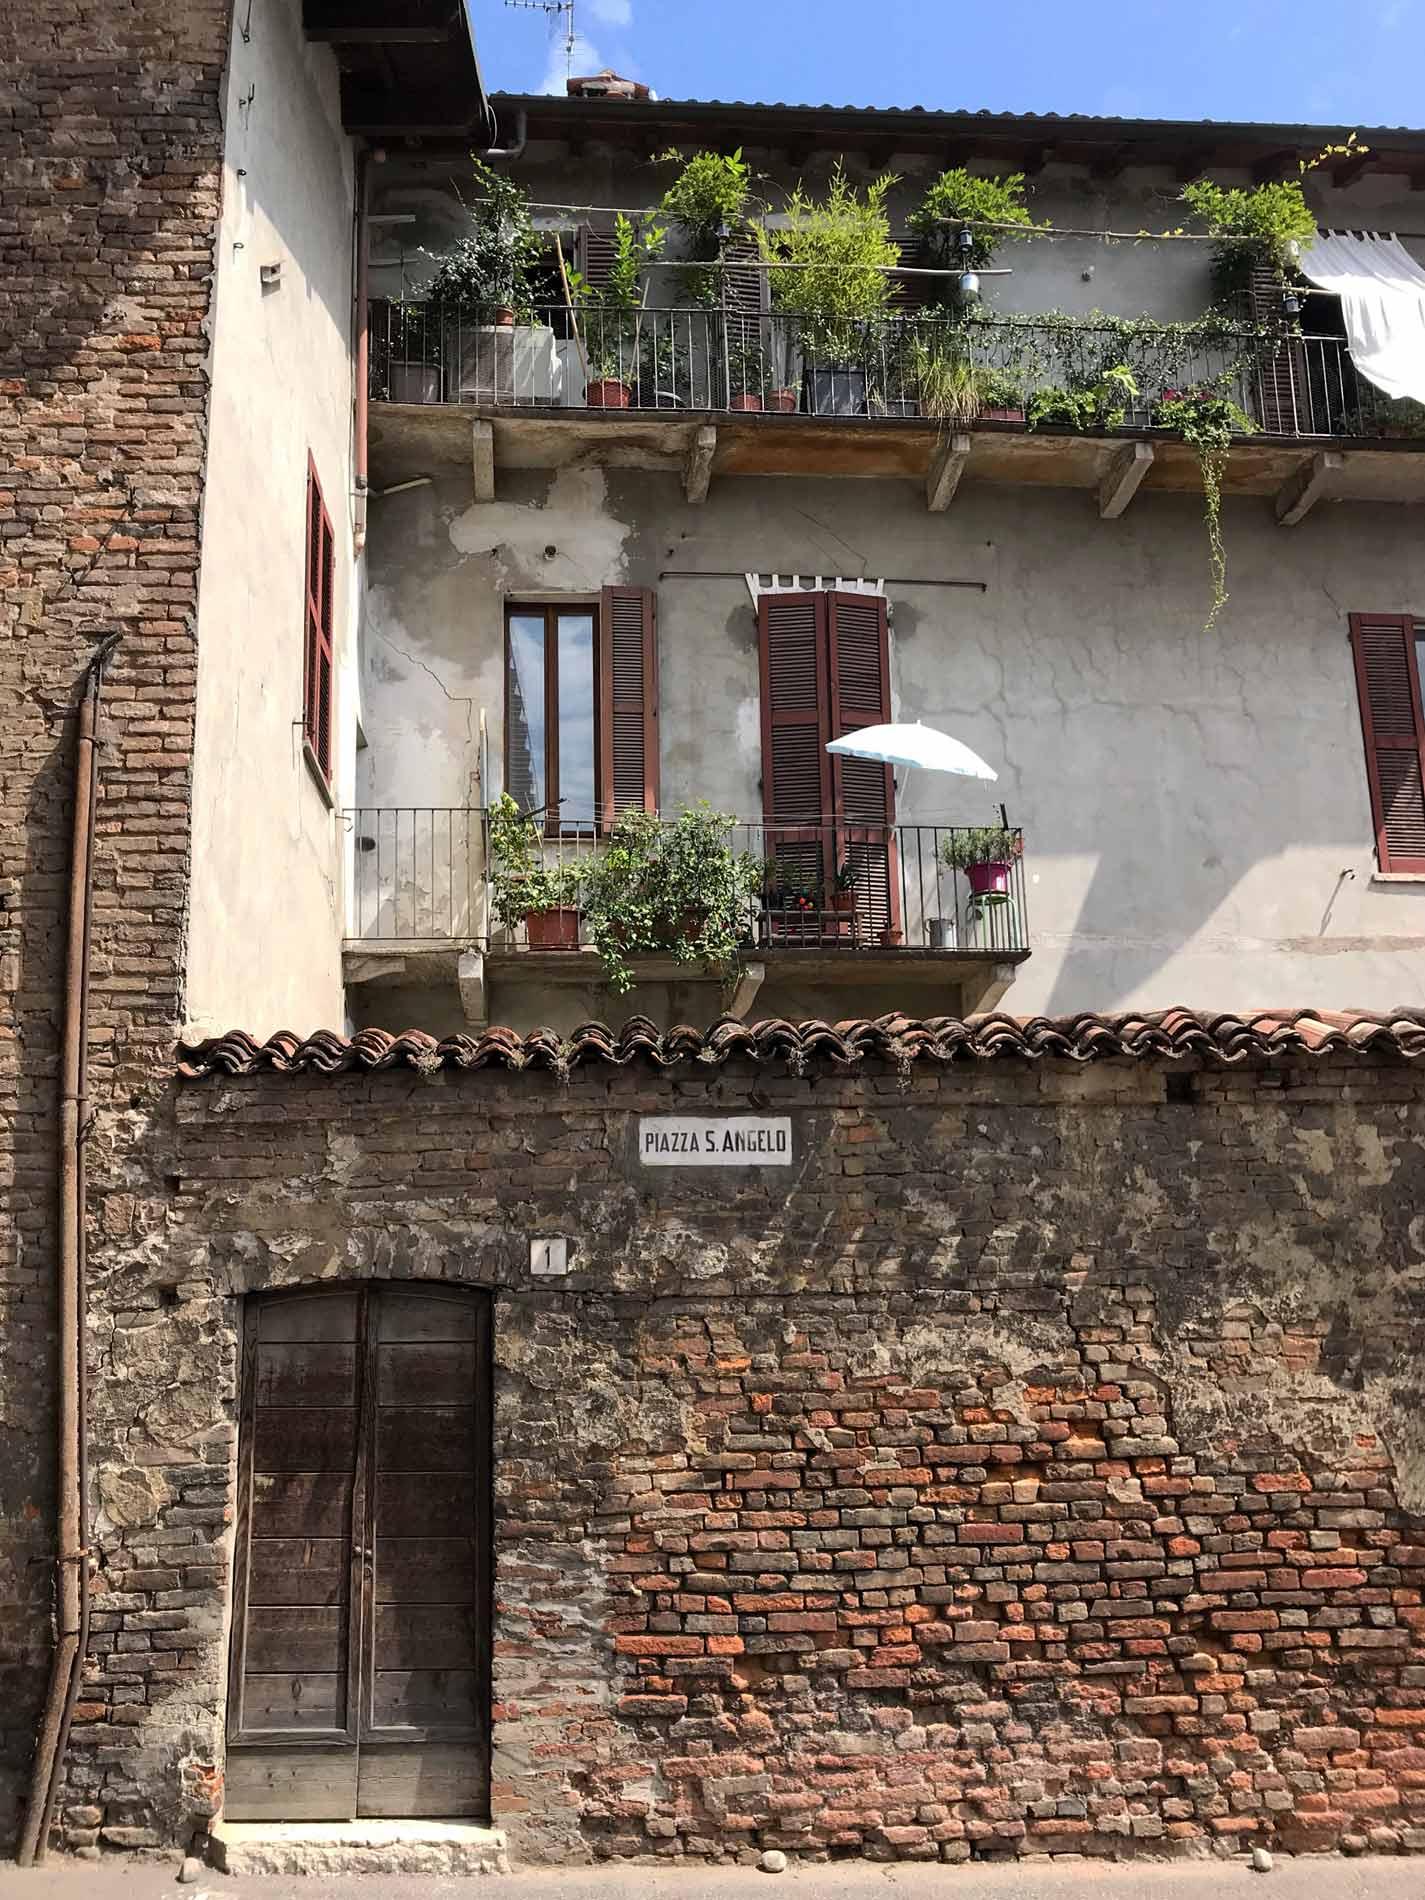 Piazza-santAngelo-cremona-casa-muro-mattoni-finestre